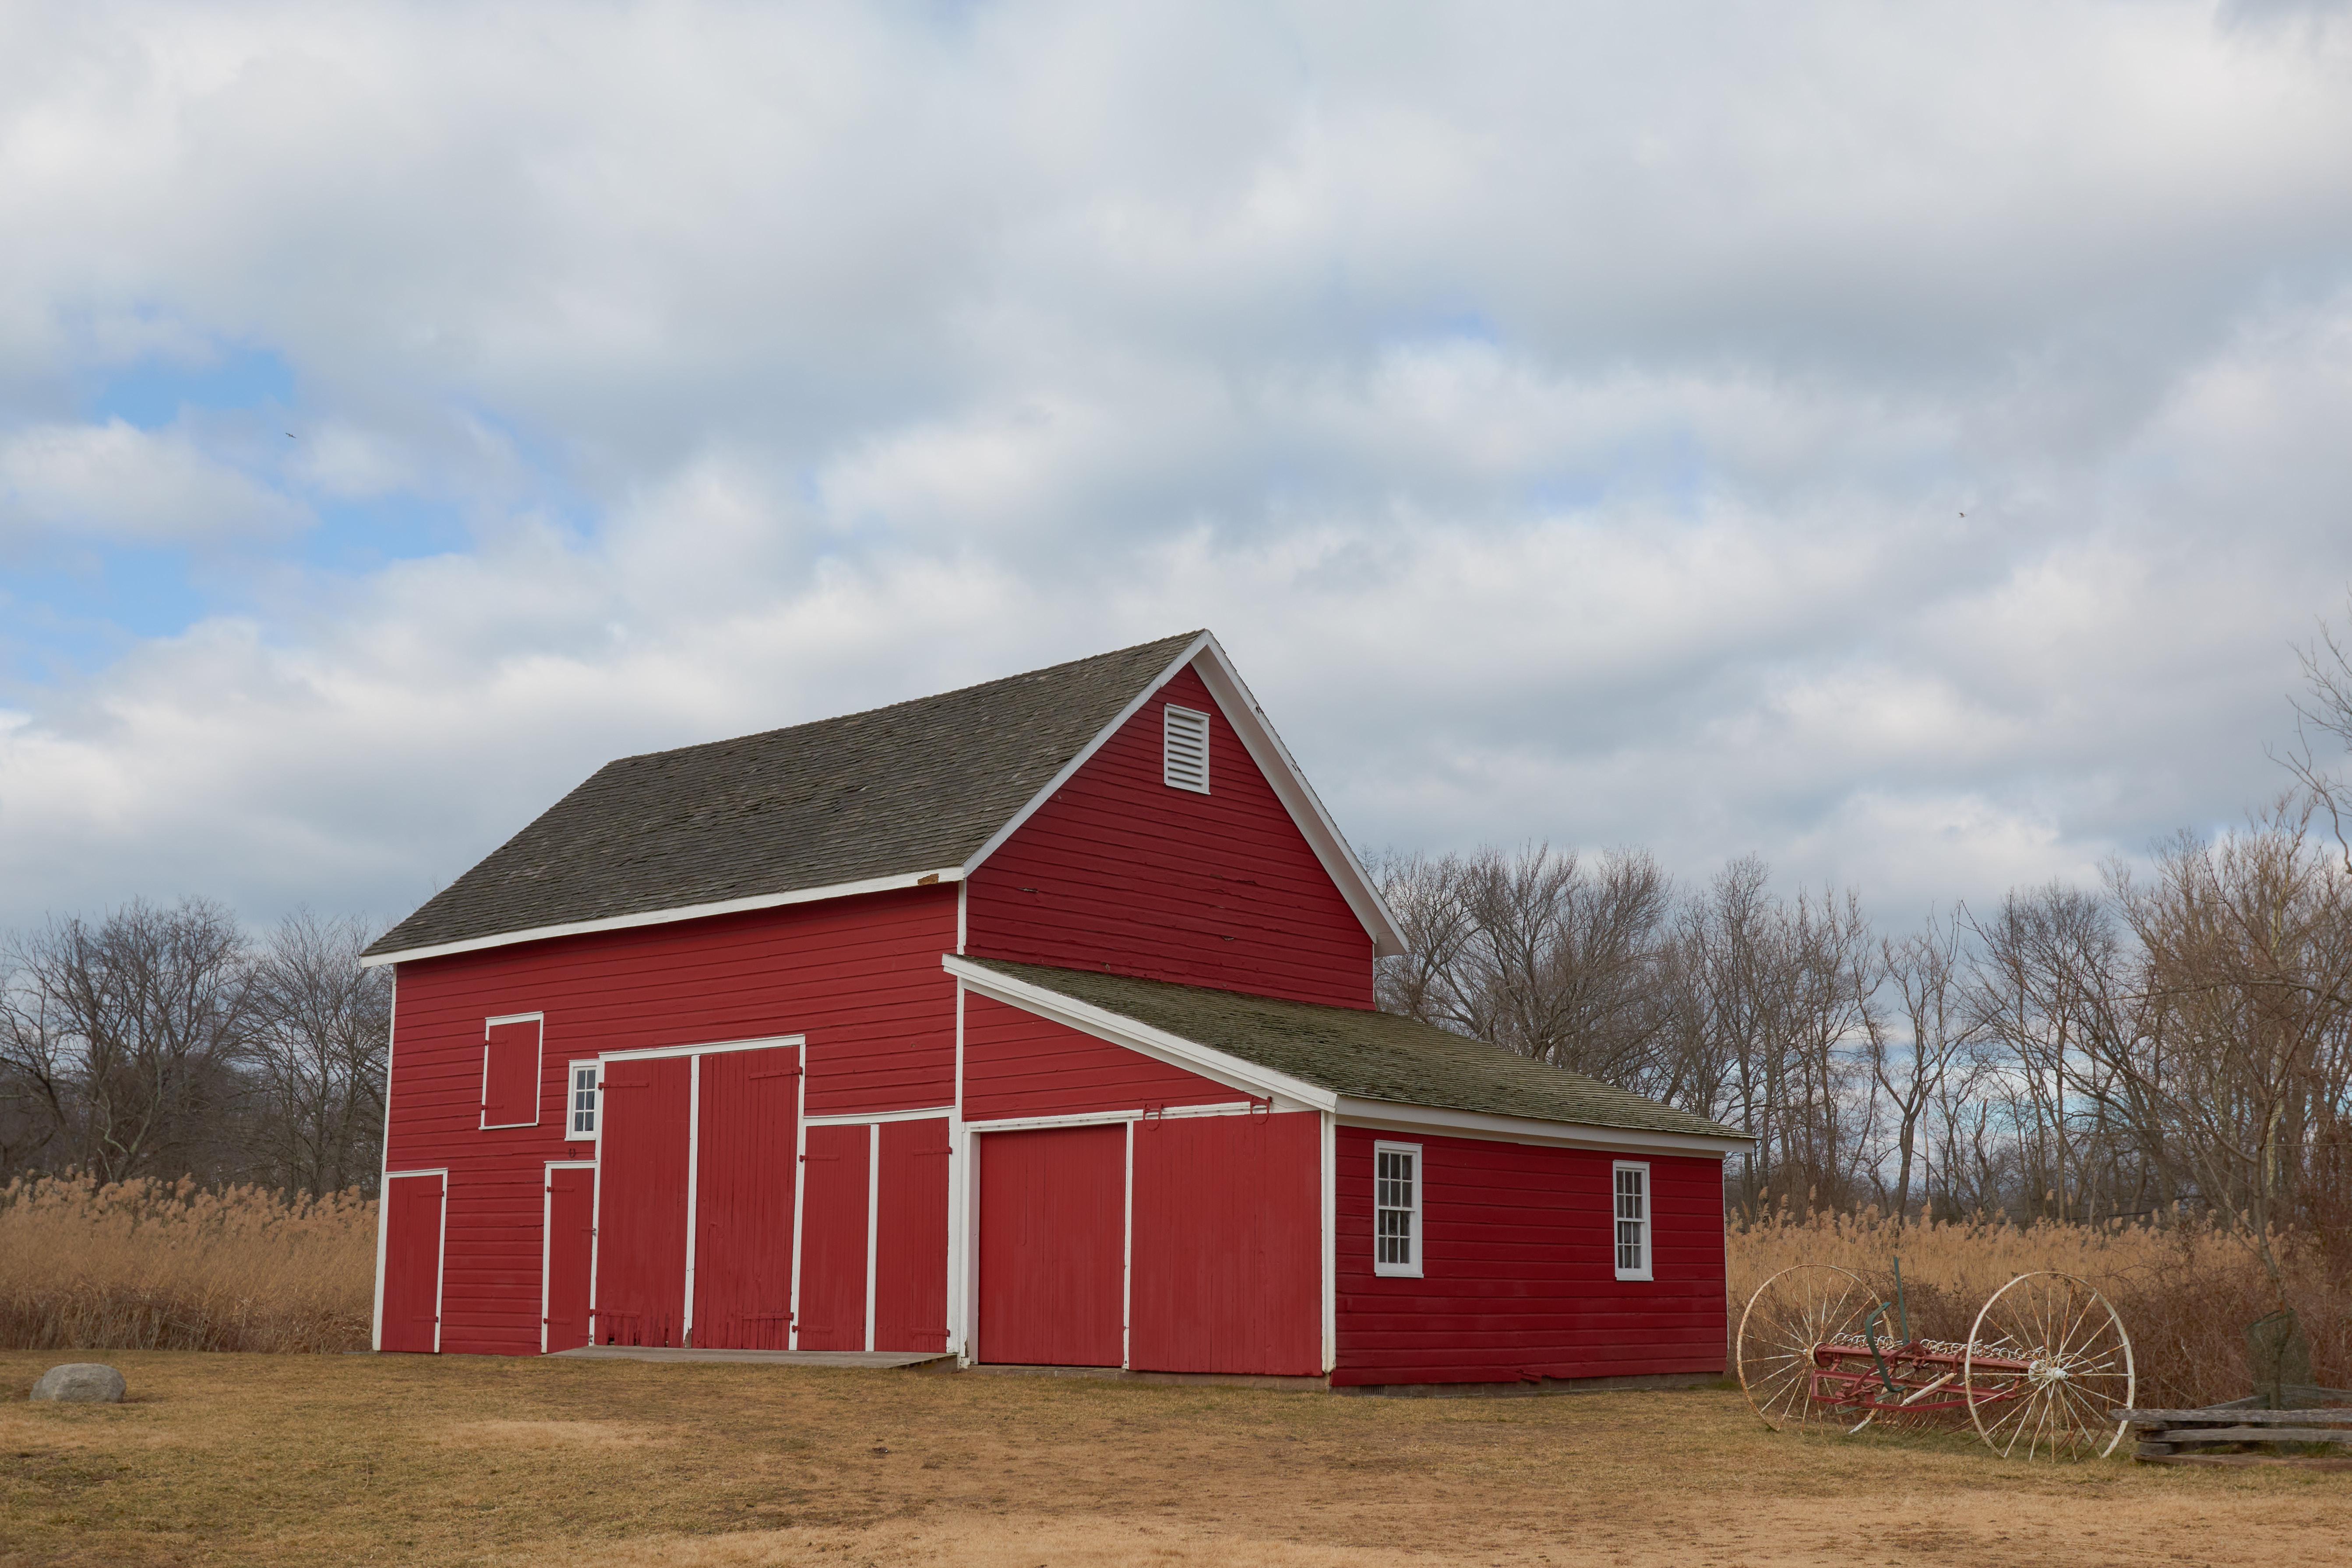 Red barn in field.